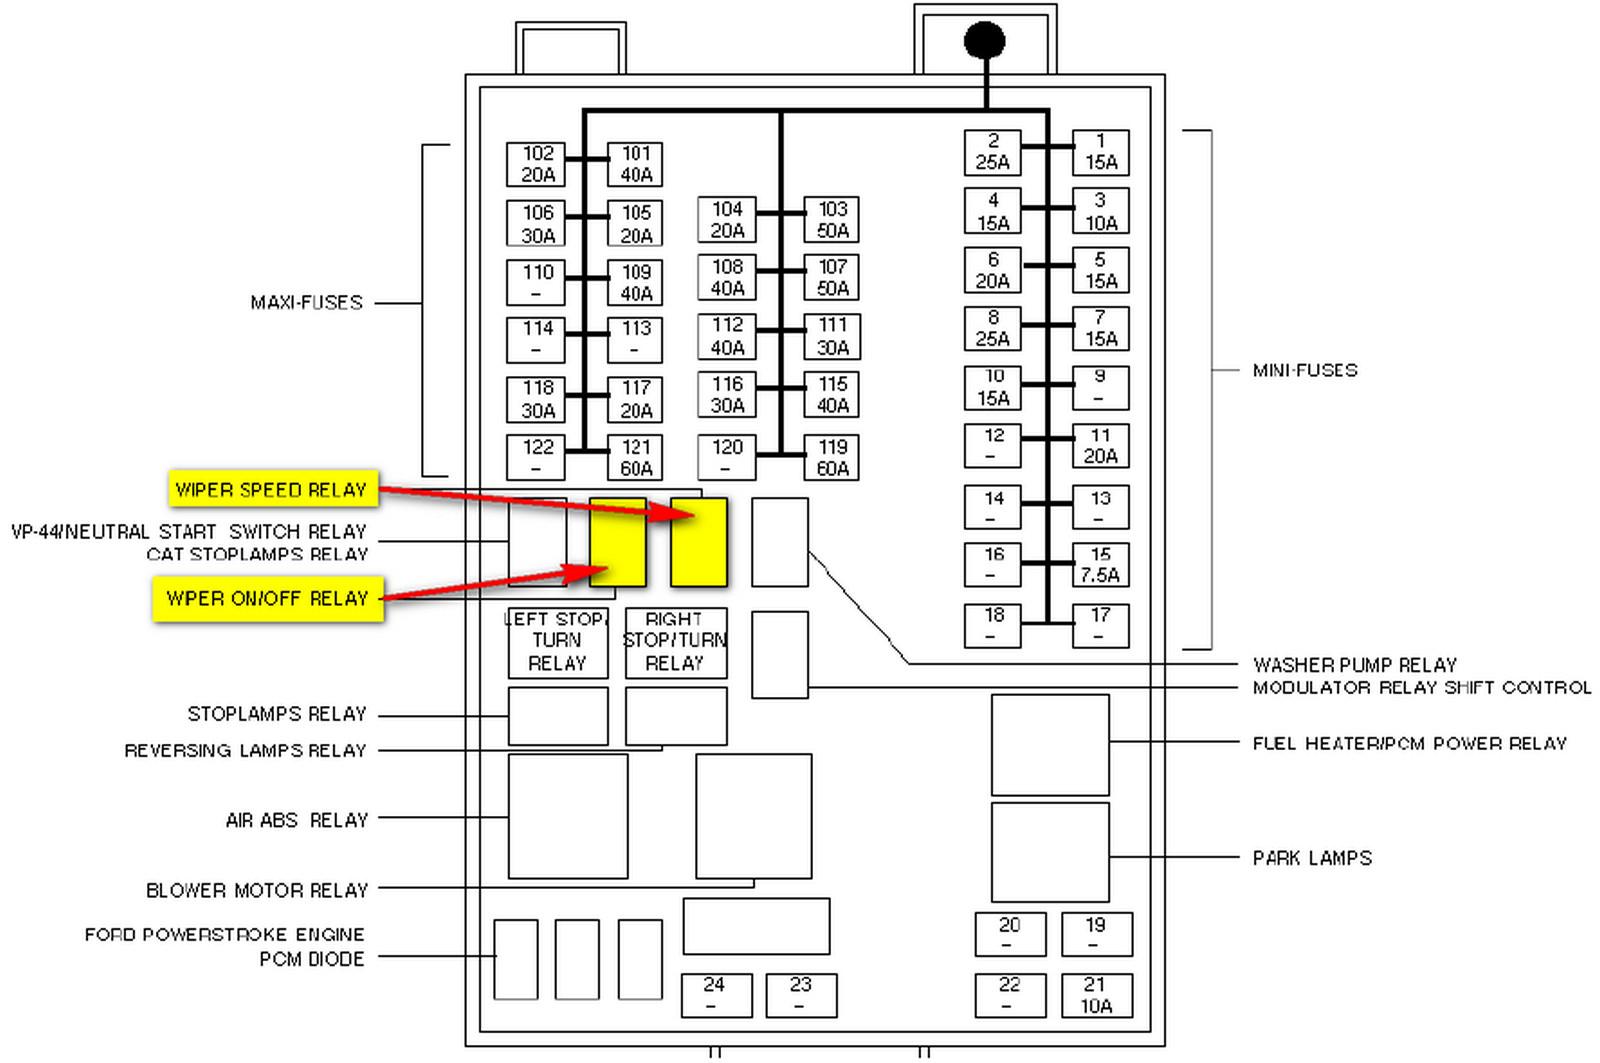 Remarkable F750 Fuse Diagram Wiring Diagram Database Wiring Cloud Vieworaidewilluminateatxorg